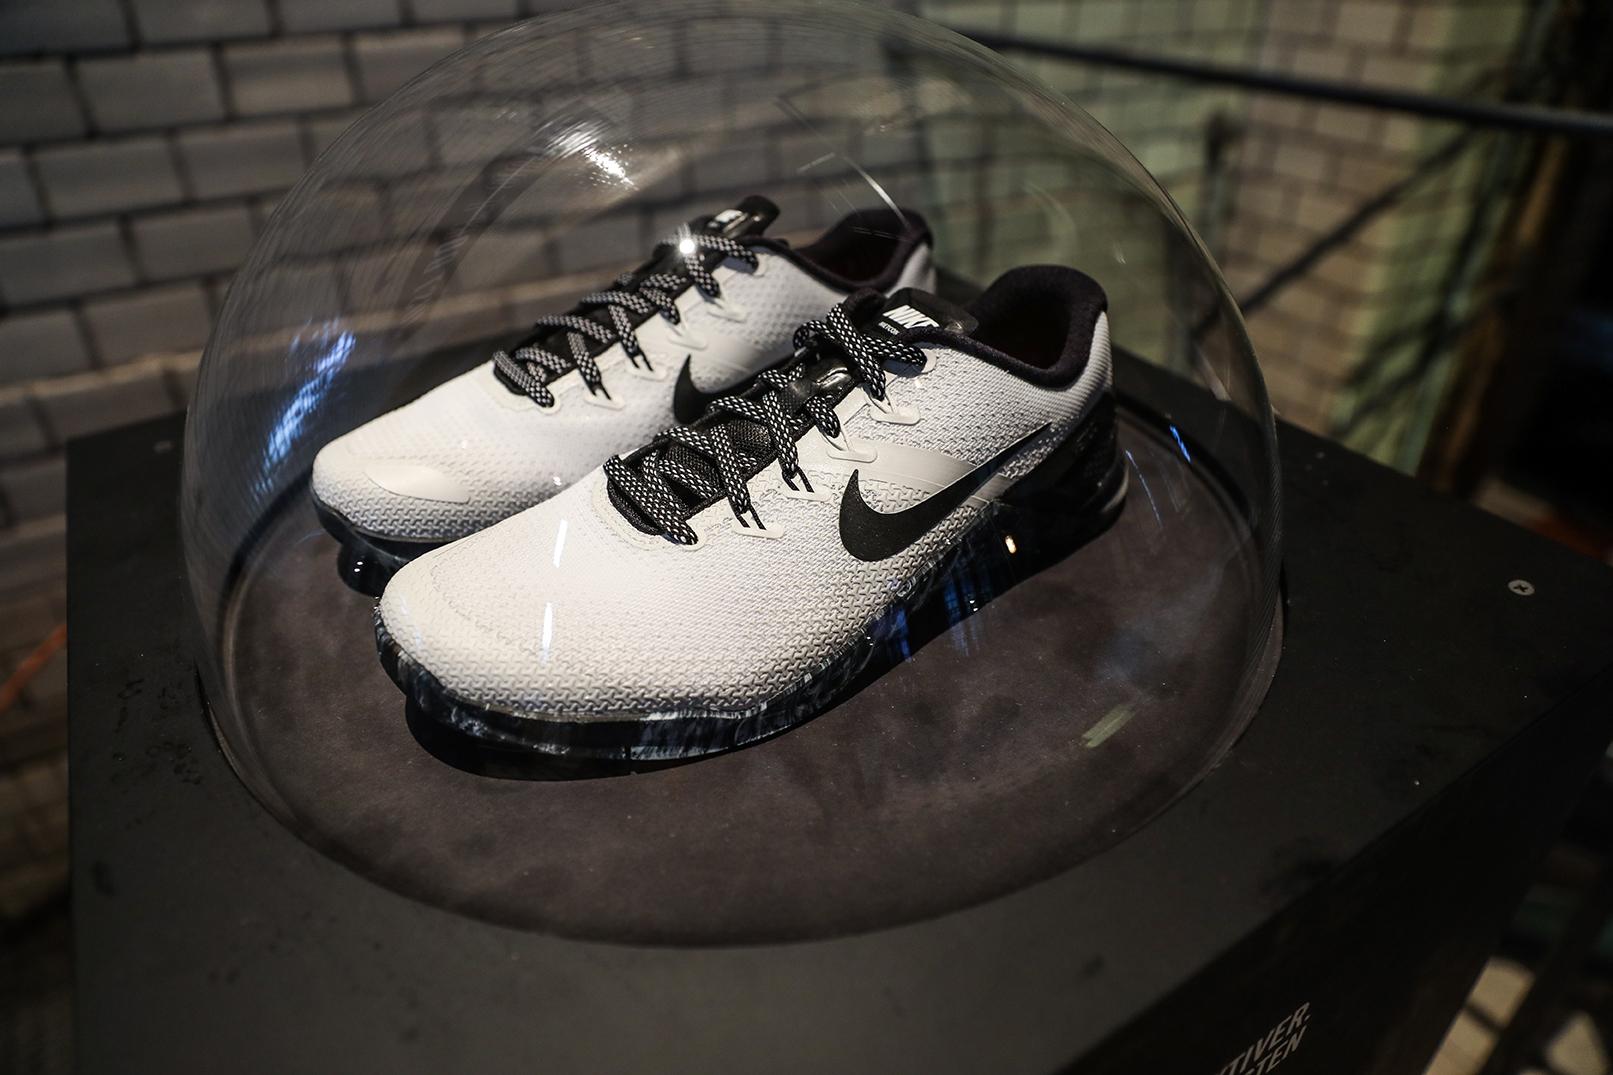 Der neue Metcon 4 Trainingsschuh von Nike - perfekt für CrossFit